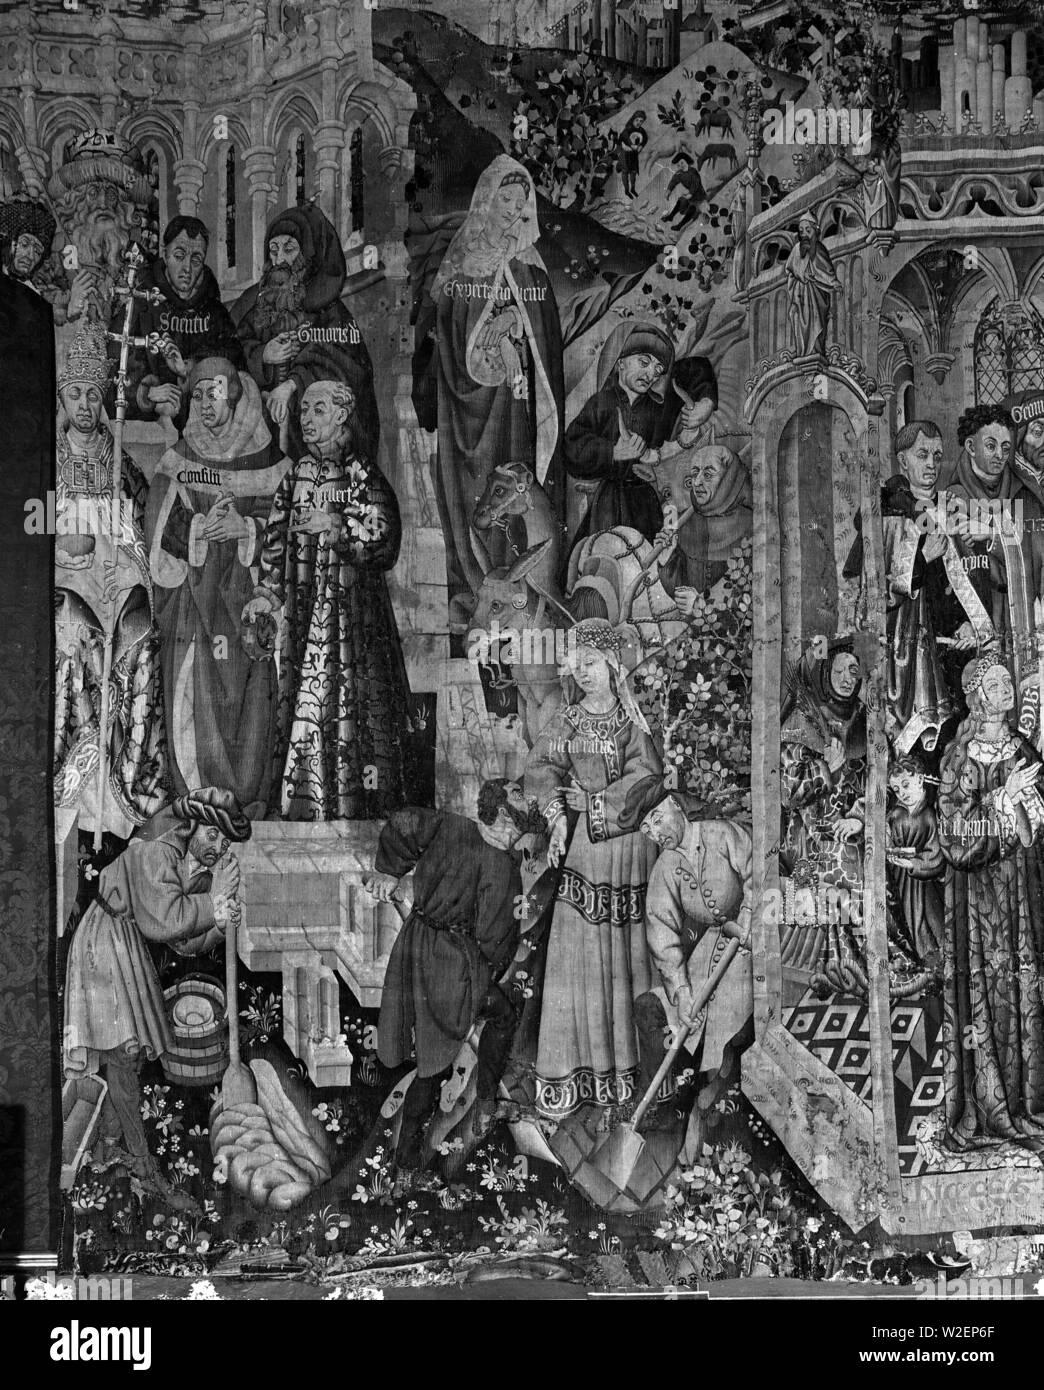 TAPIZ DE LAS POTESTADES O DE LA BUENA VIDA - SIGLO XV - FOTOGRAFIA EN BLANCO Y NEGRO - AÑOS 60. Author: TALLERES DE ARRAS. Location: CATEDRAL-MUSEO DIOCESANO. TARRAGONA. SPAIN. - Stock Image